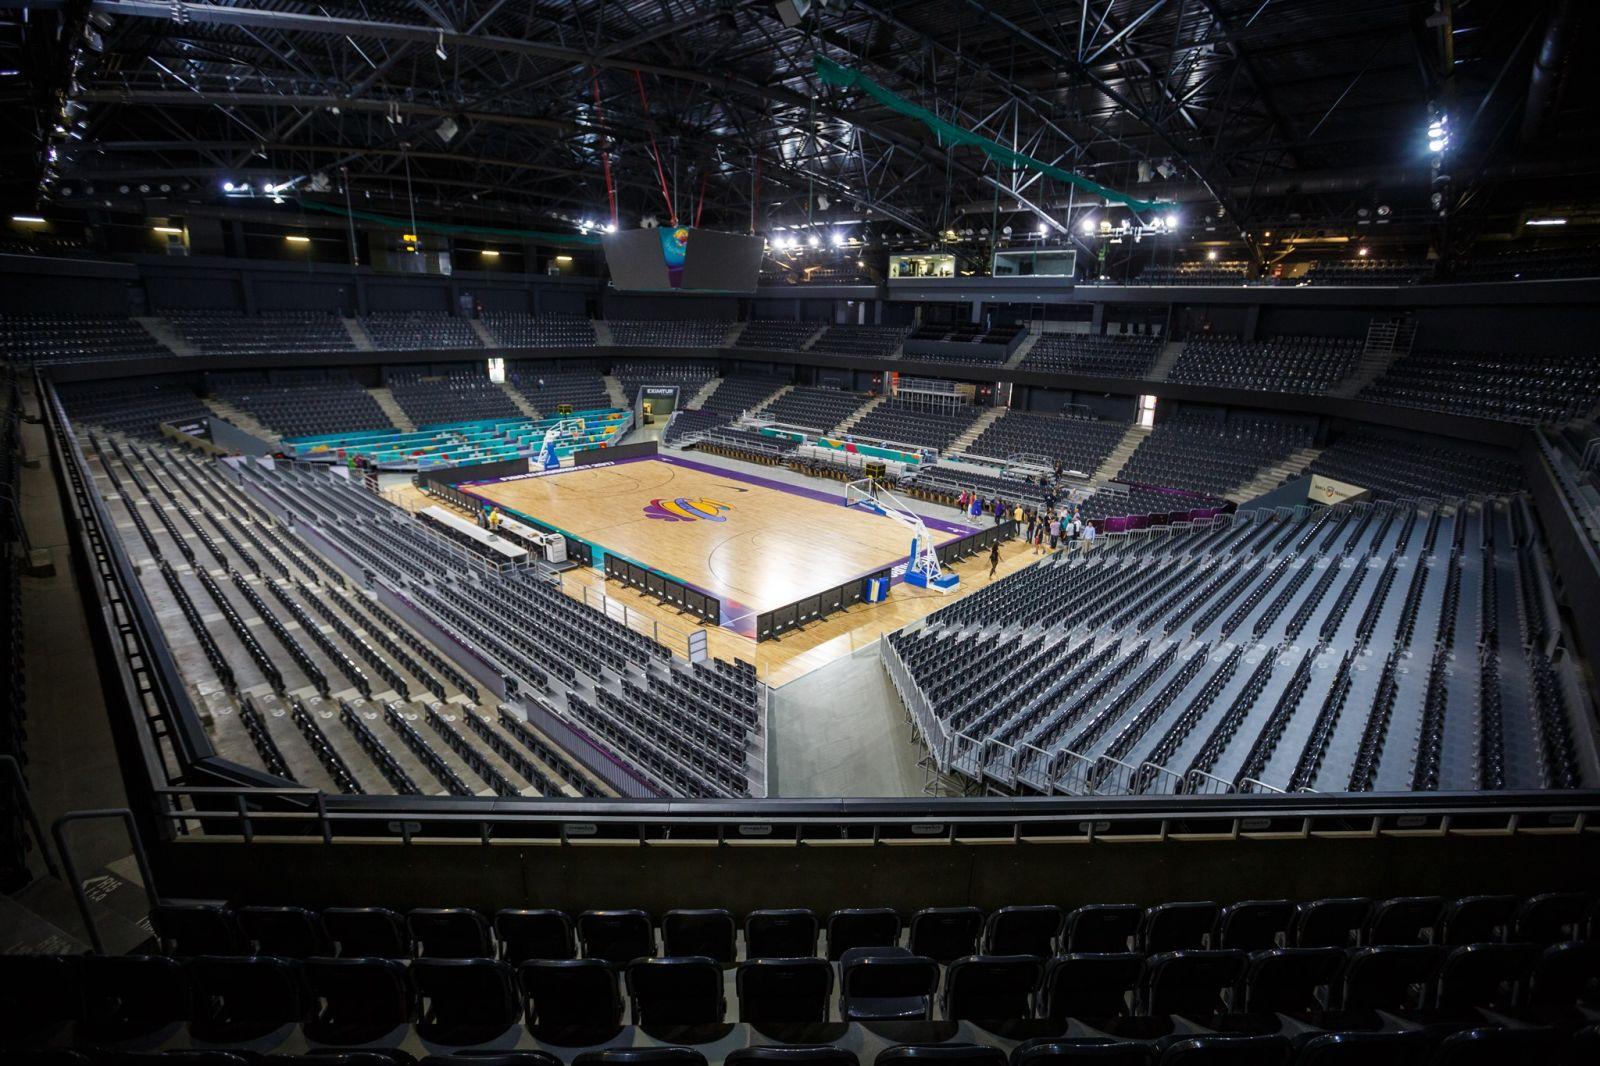 Sala Polivalentă din Cluj va deveni BT Arena, după infuzia de capital a Băncii Transilvania!